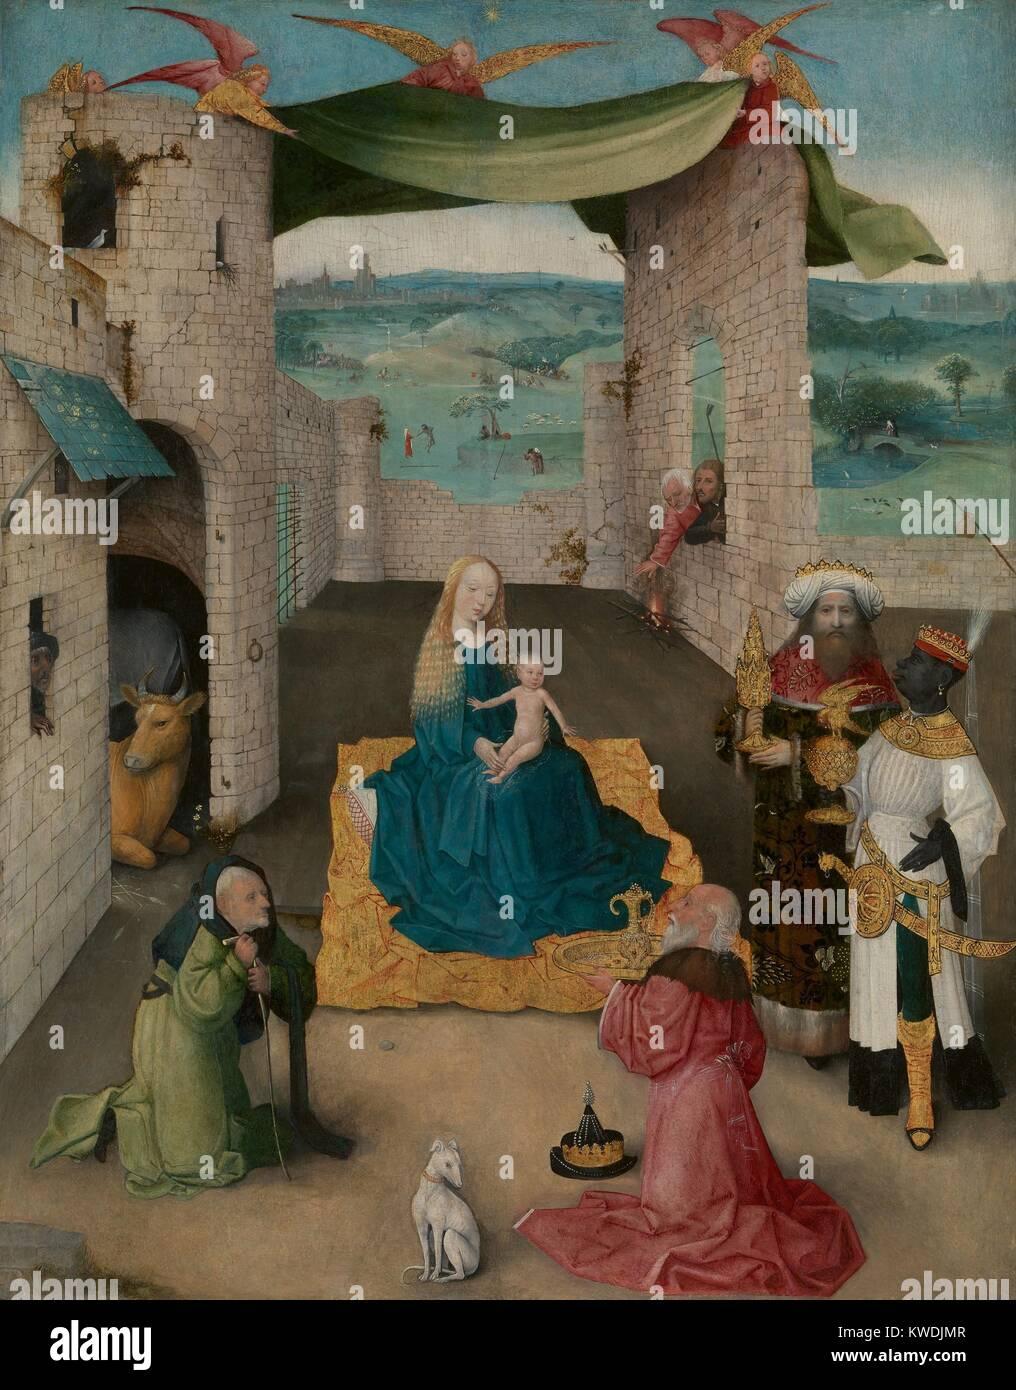 L'Adoration des mages de Jérôme Bosch, 1475, la peinture de la Renaissance du Nord, Russisch. L'Adoration Photo Stock